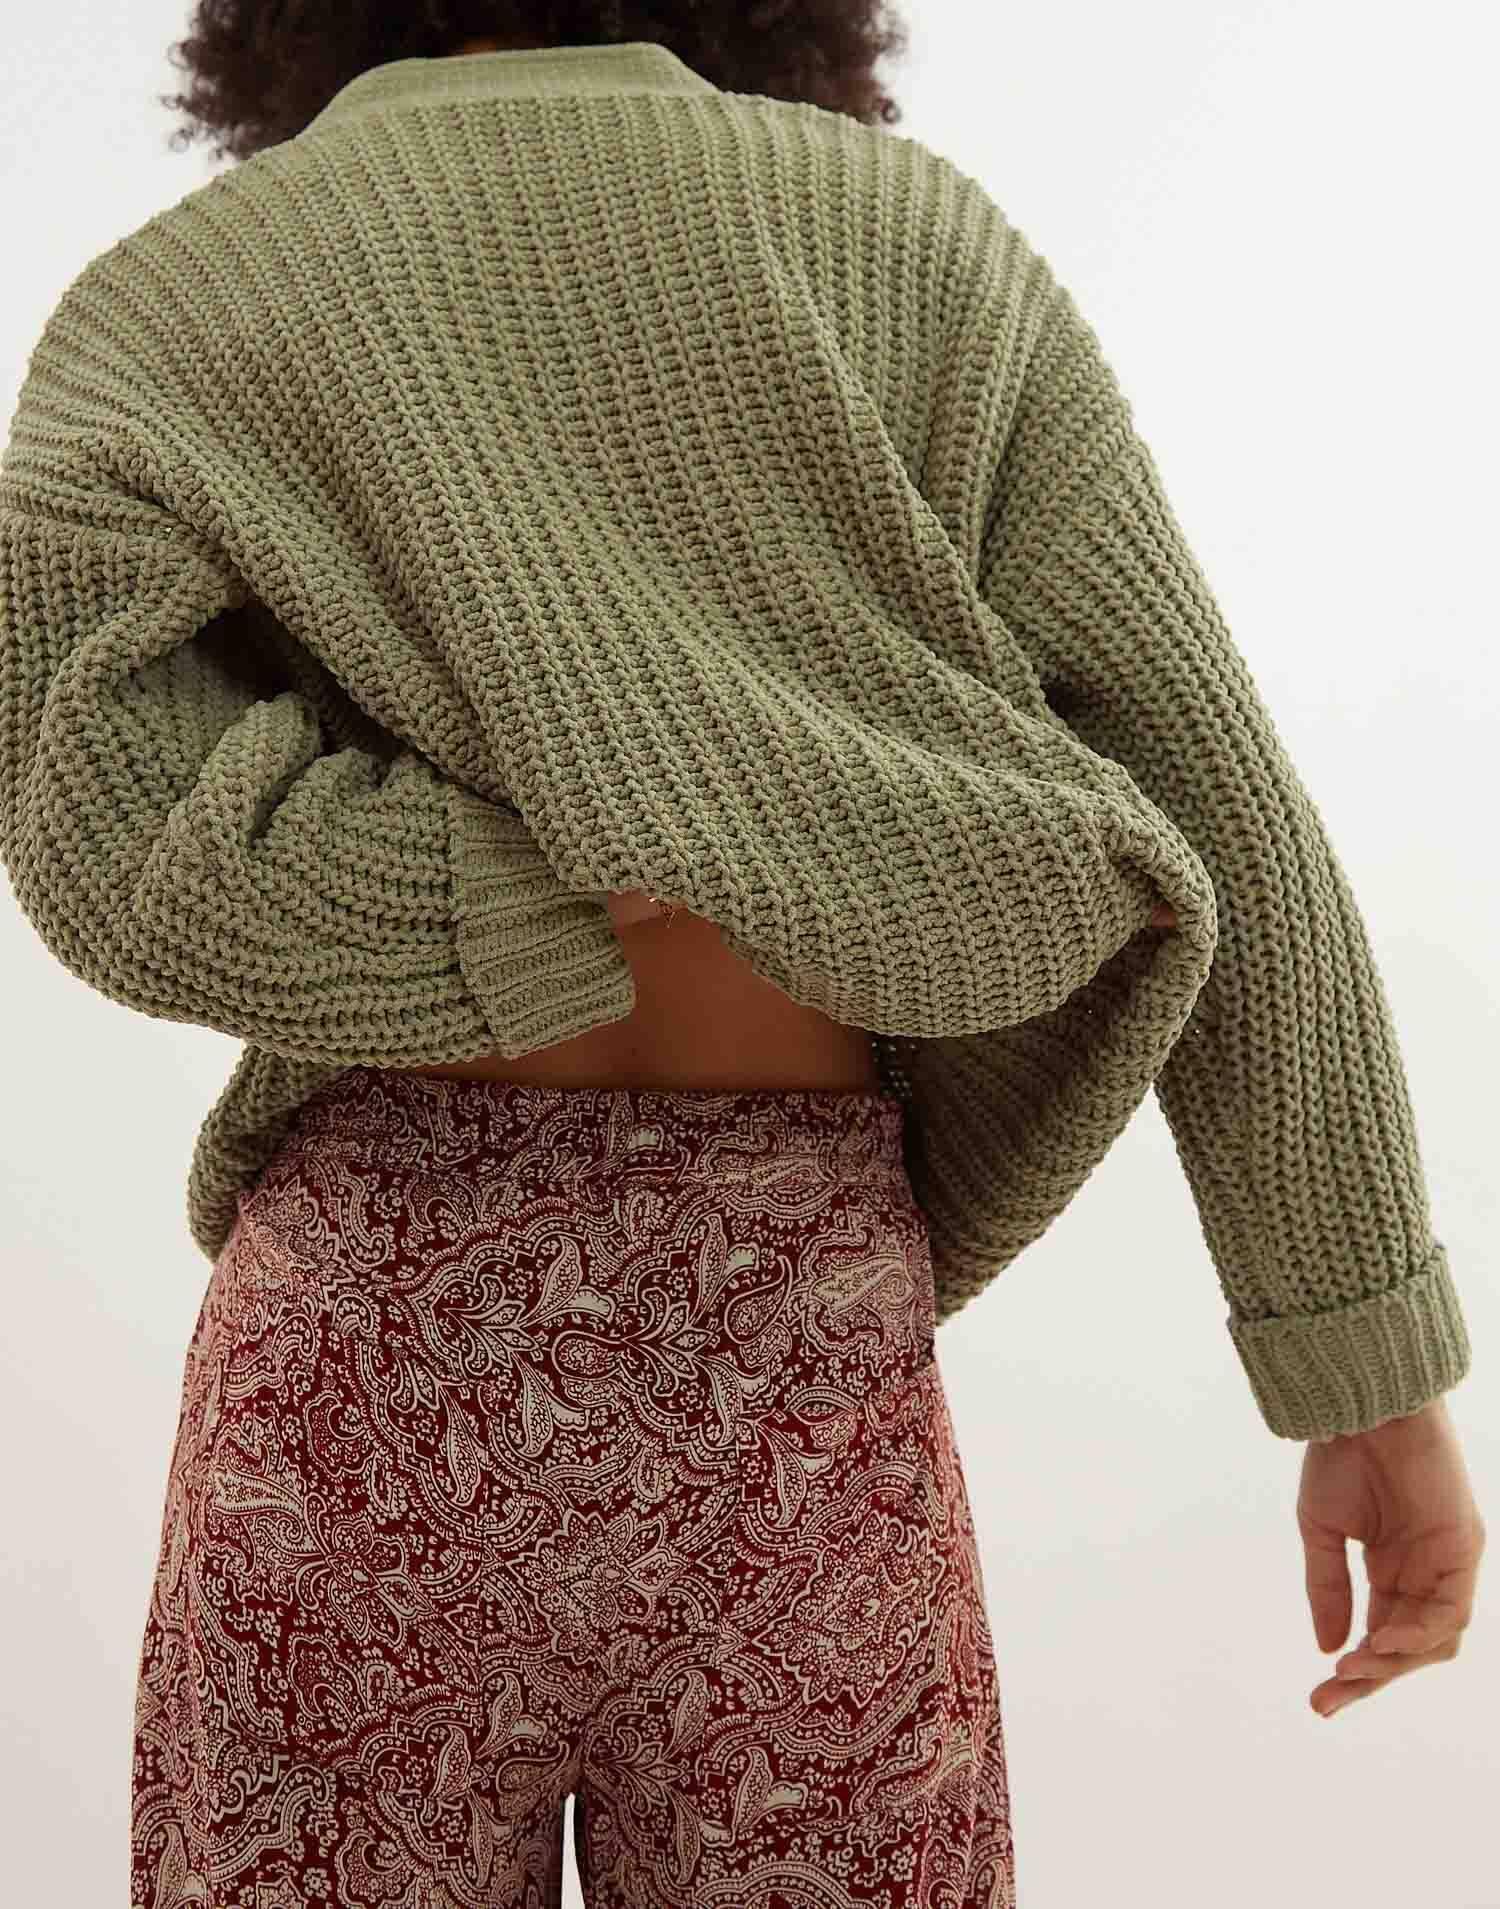 Pantaloni stampa barocca